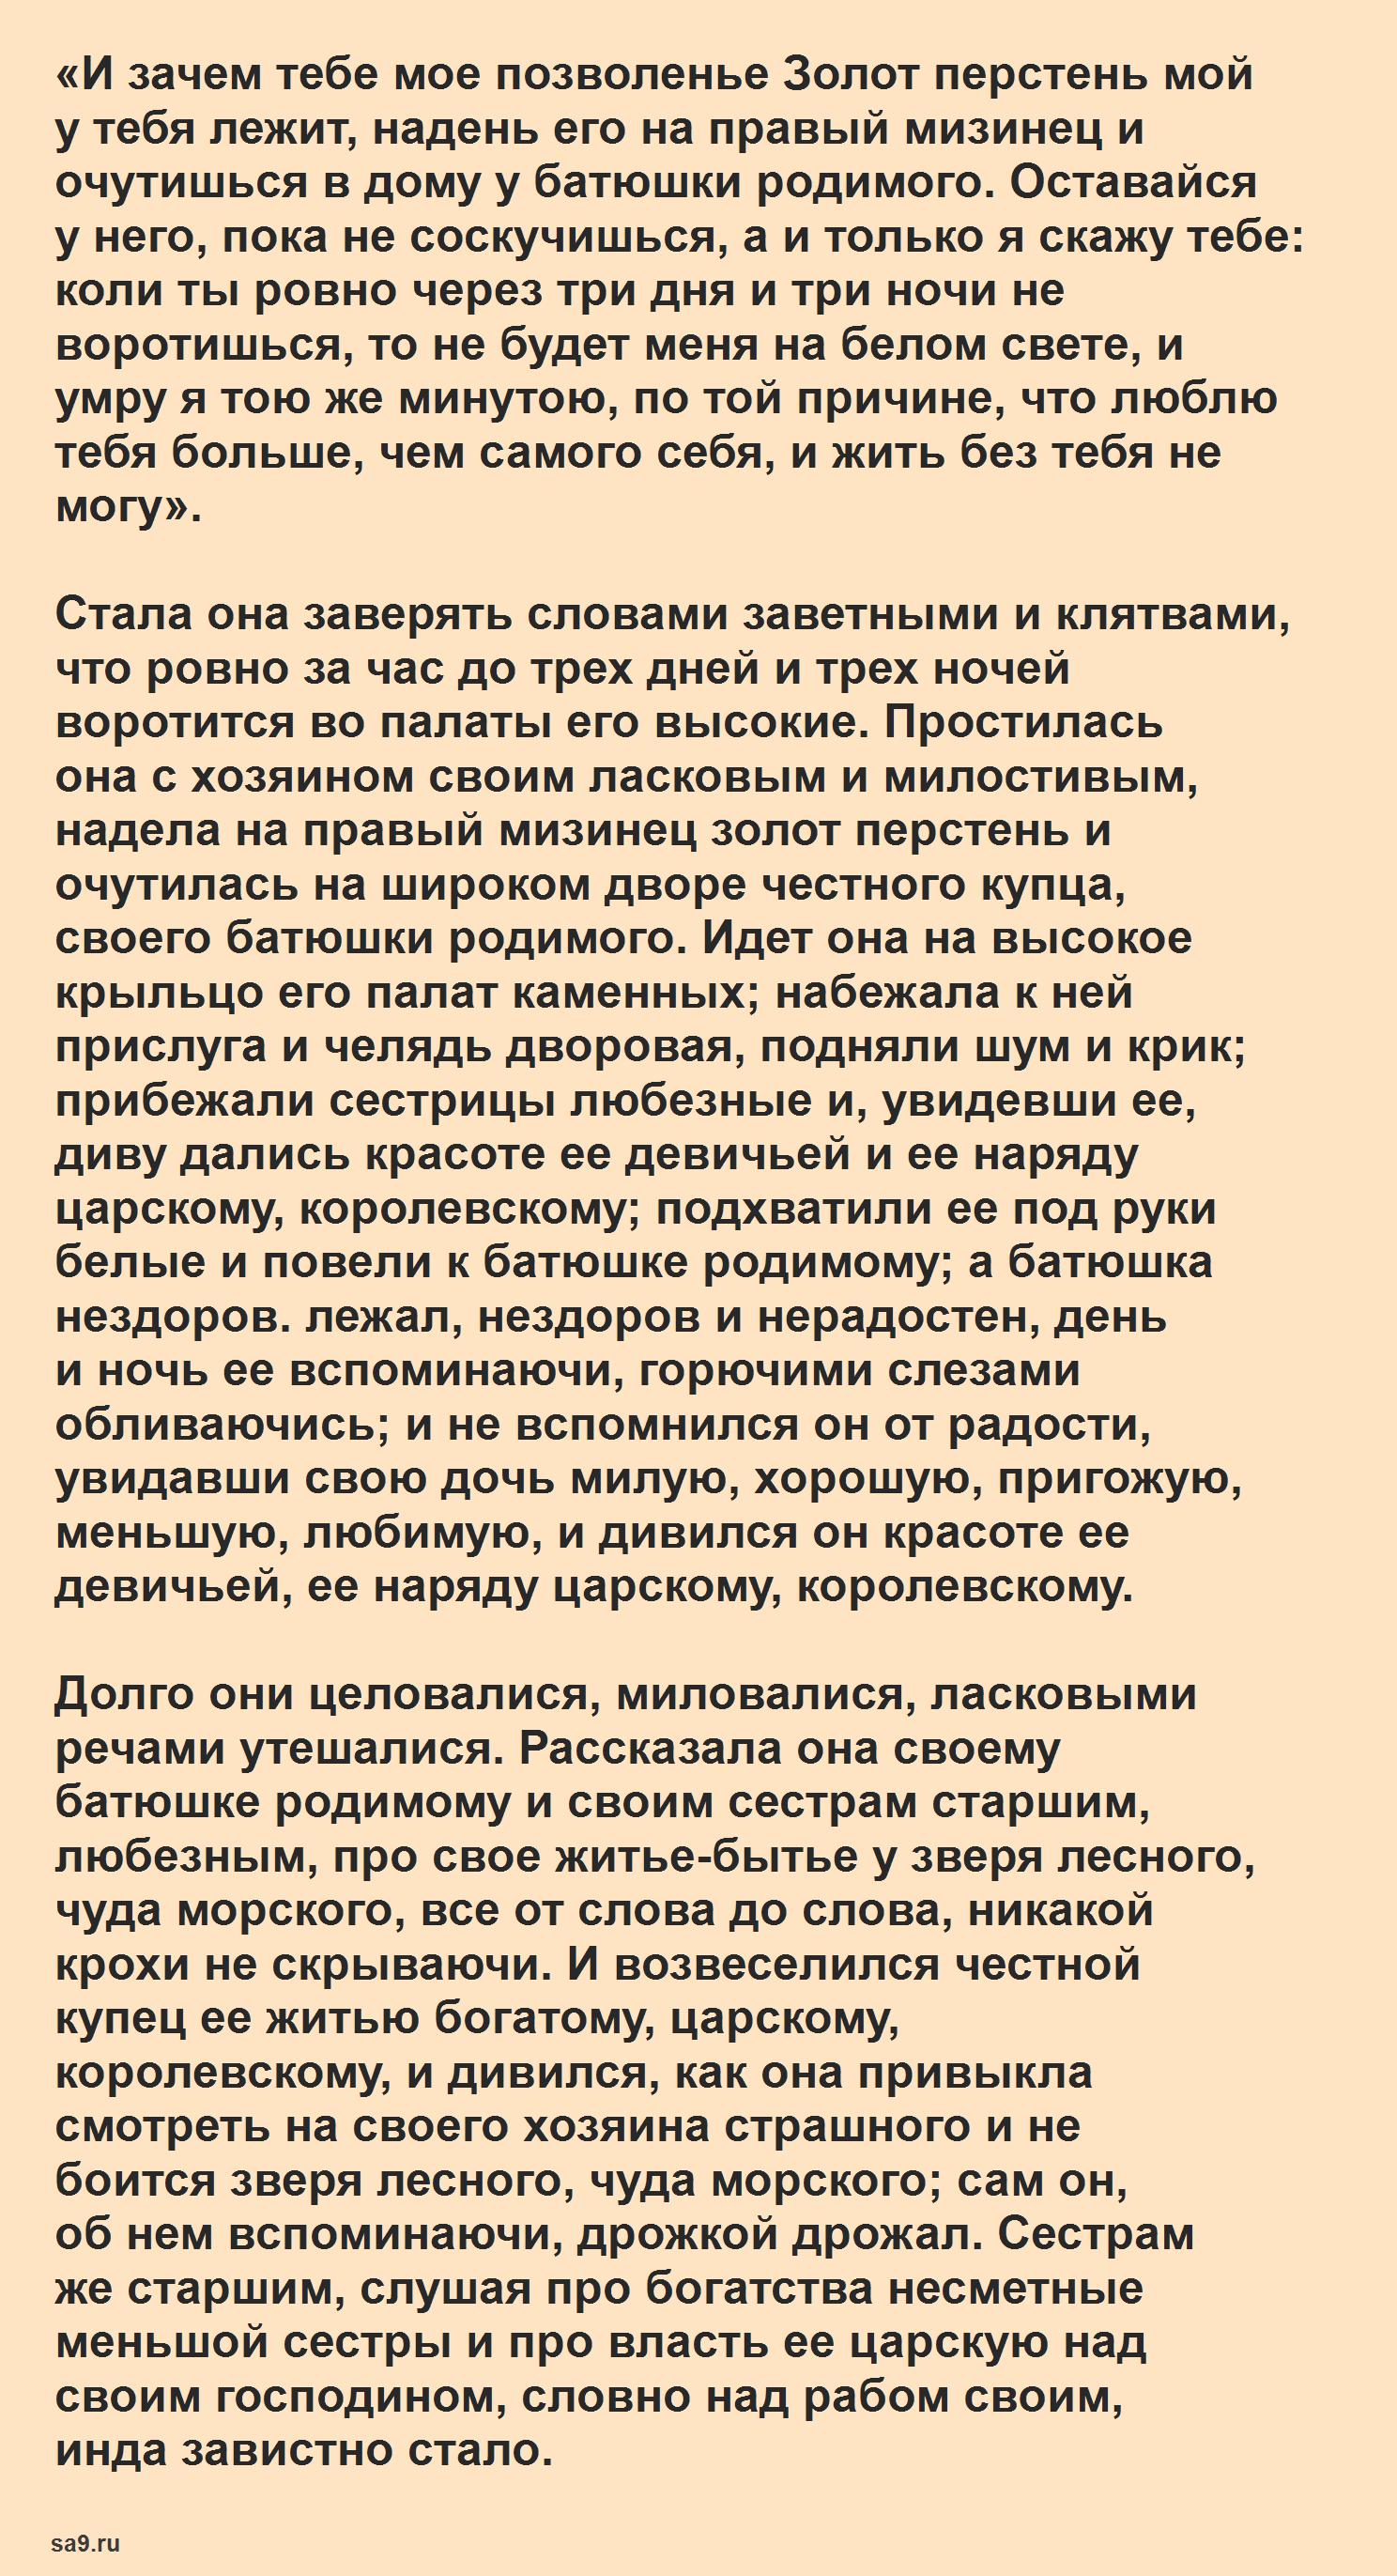 Читать интересную сказку - Аленький цветочек, Аксаков